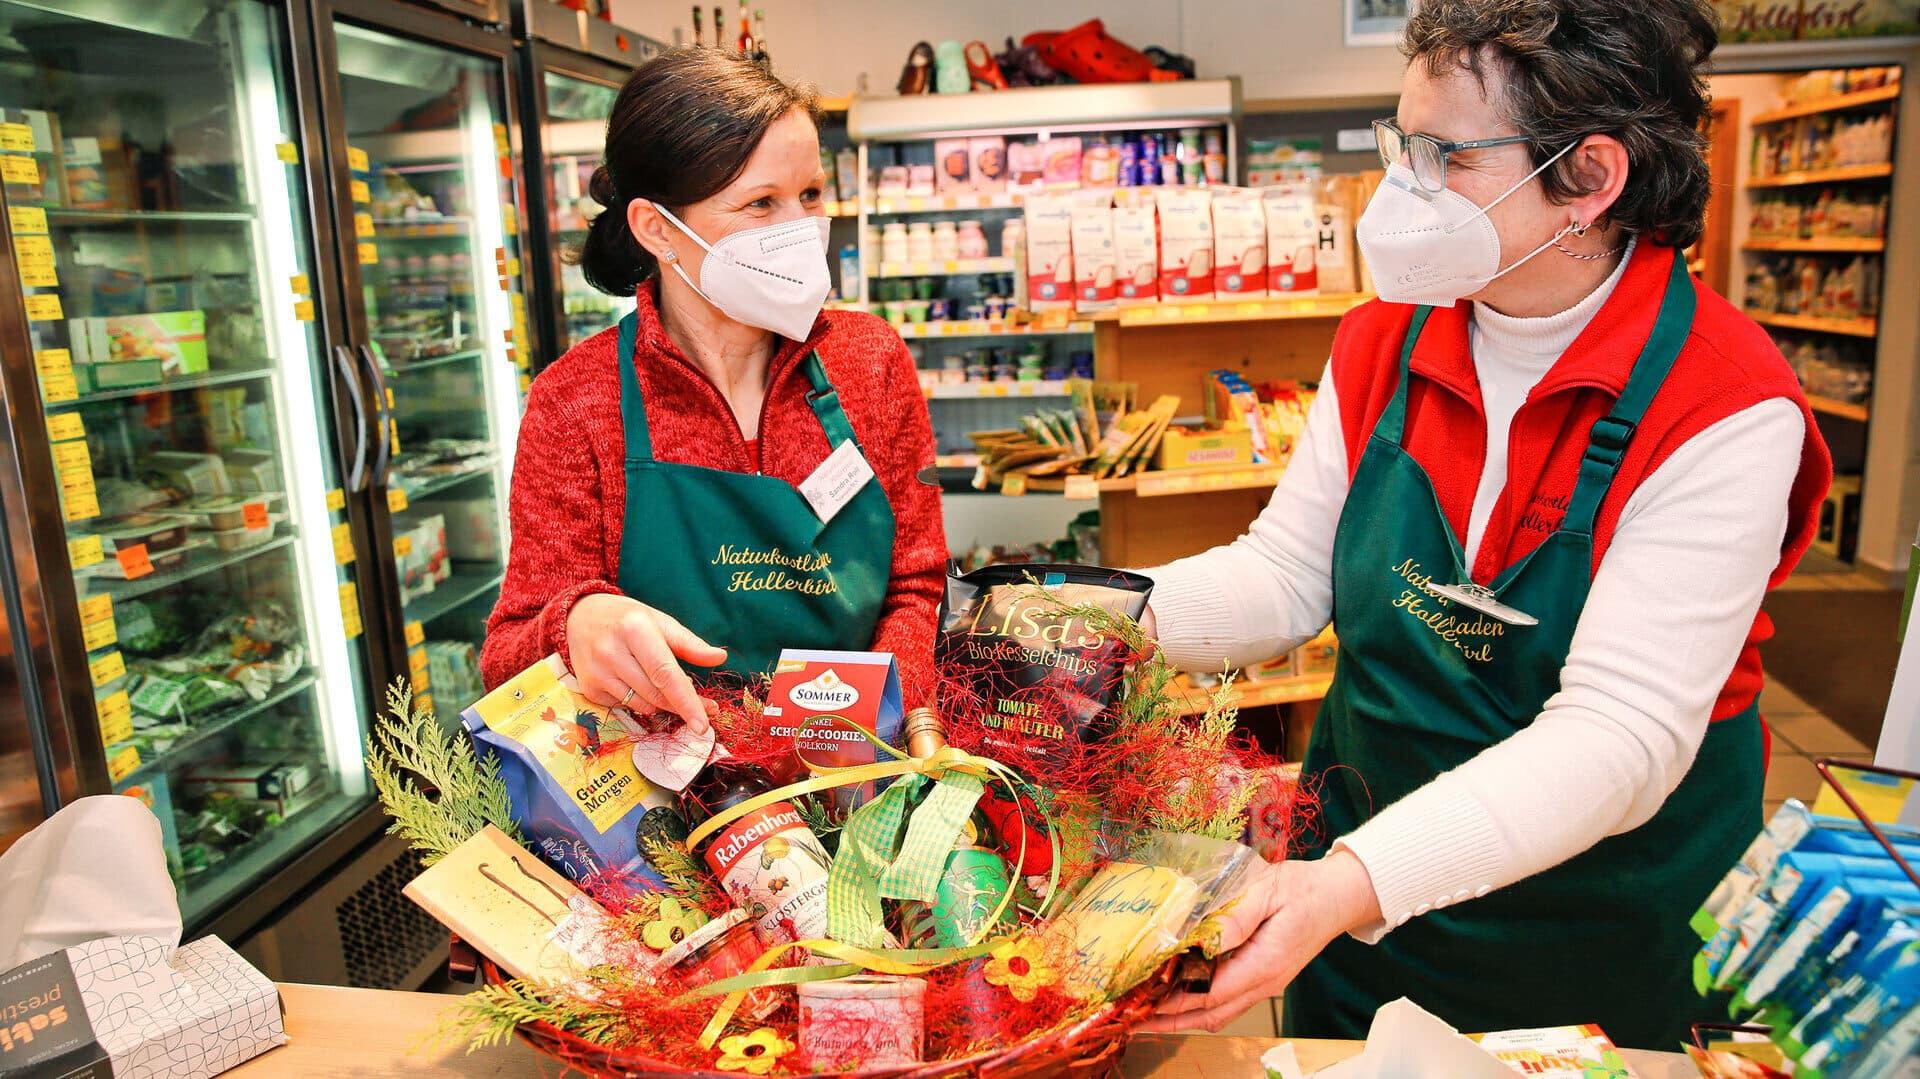 Monika und eine Mitarbeiterin beim Packen eines Geschenkkorbes